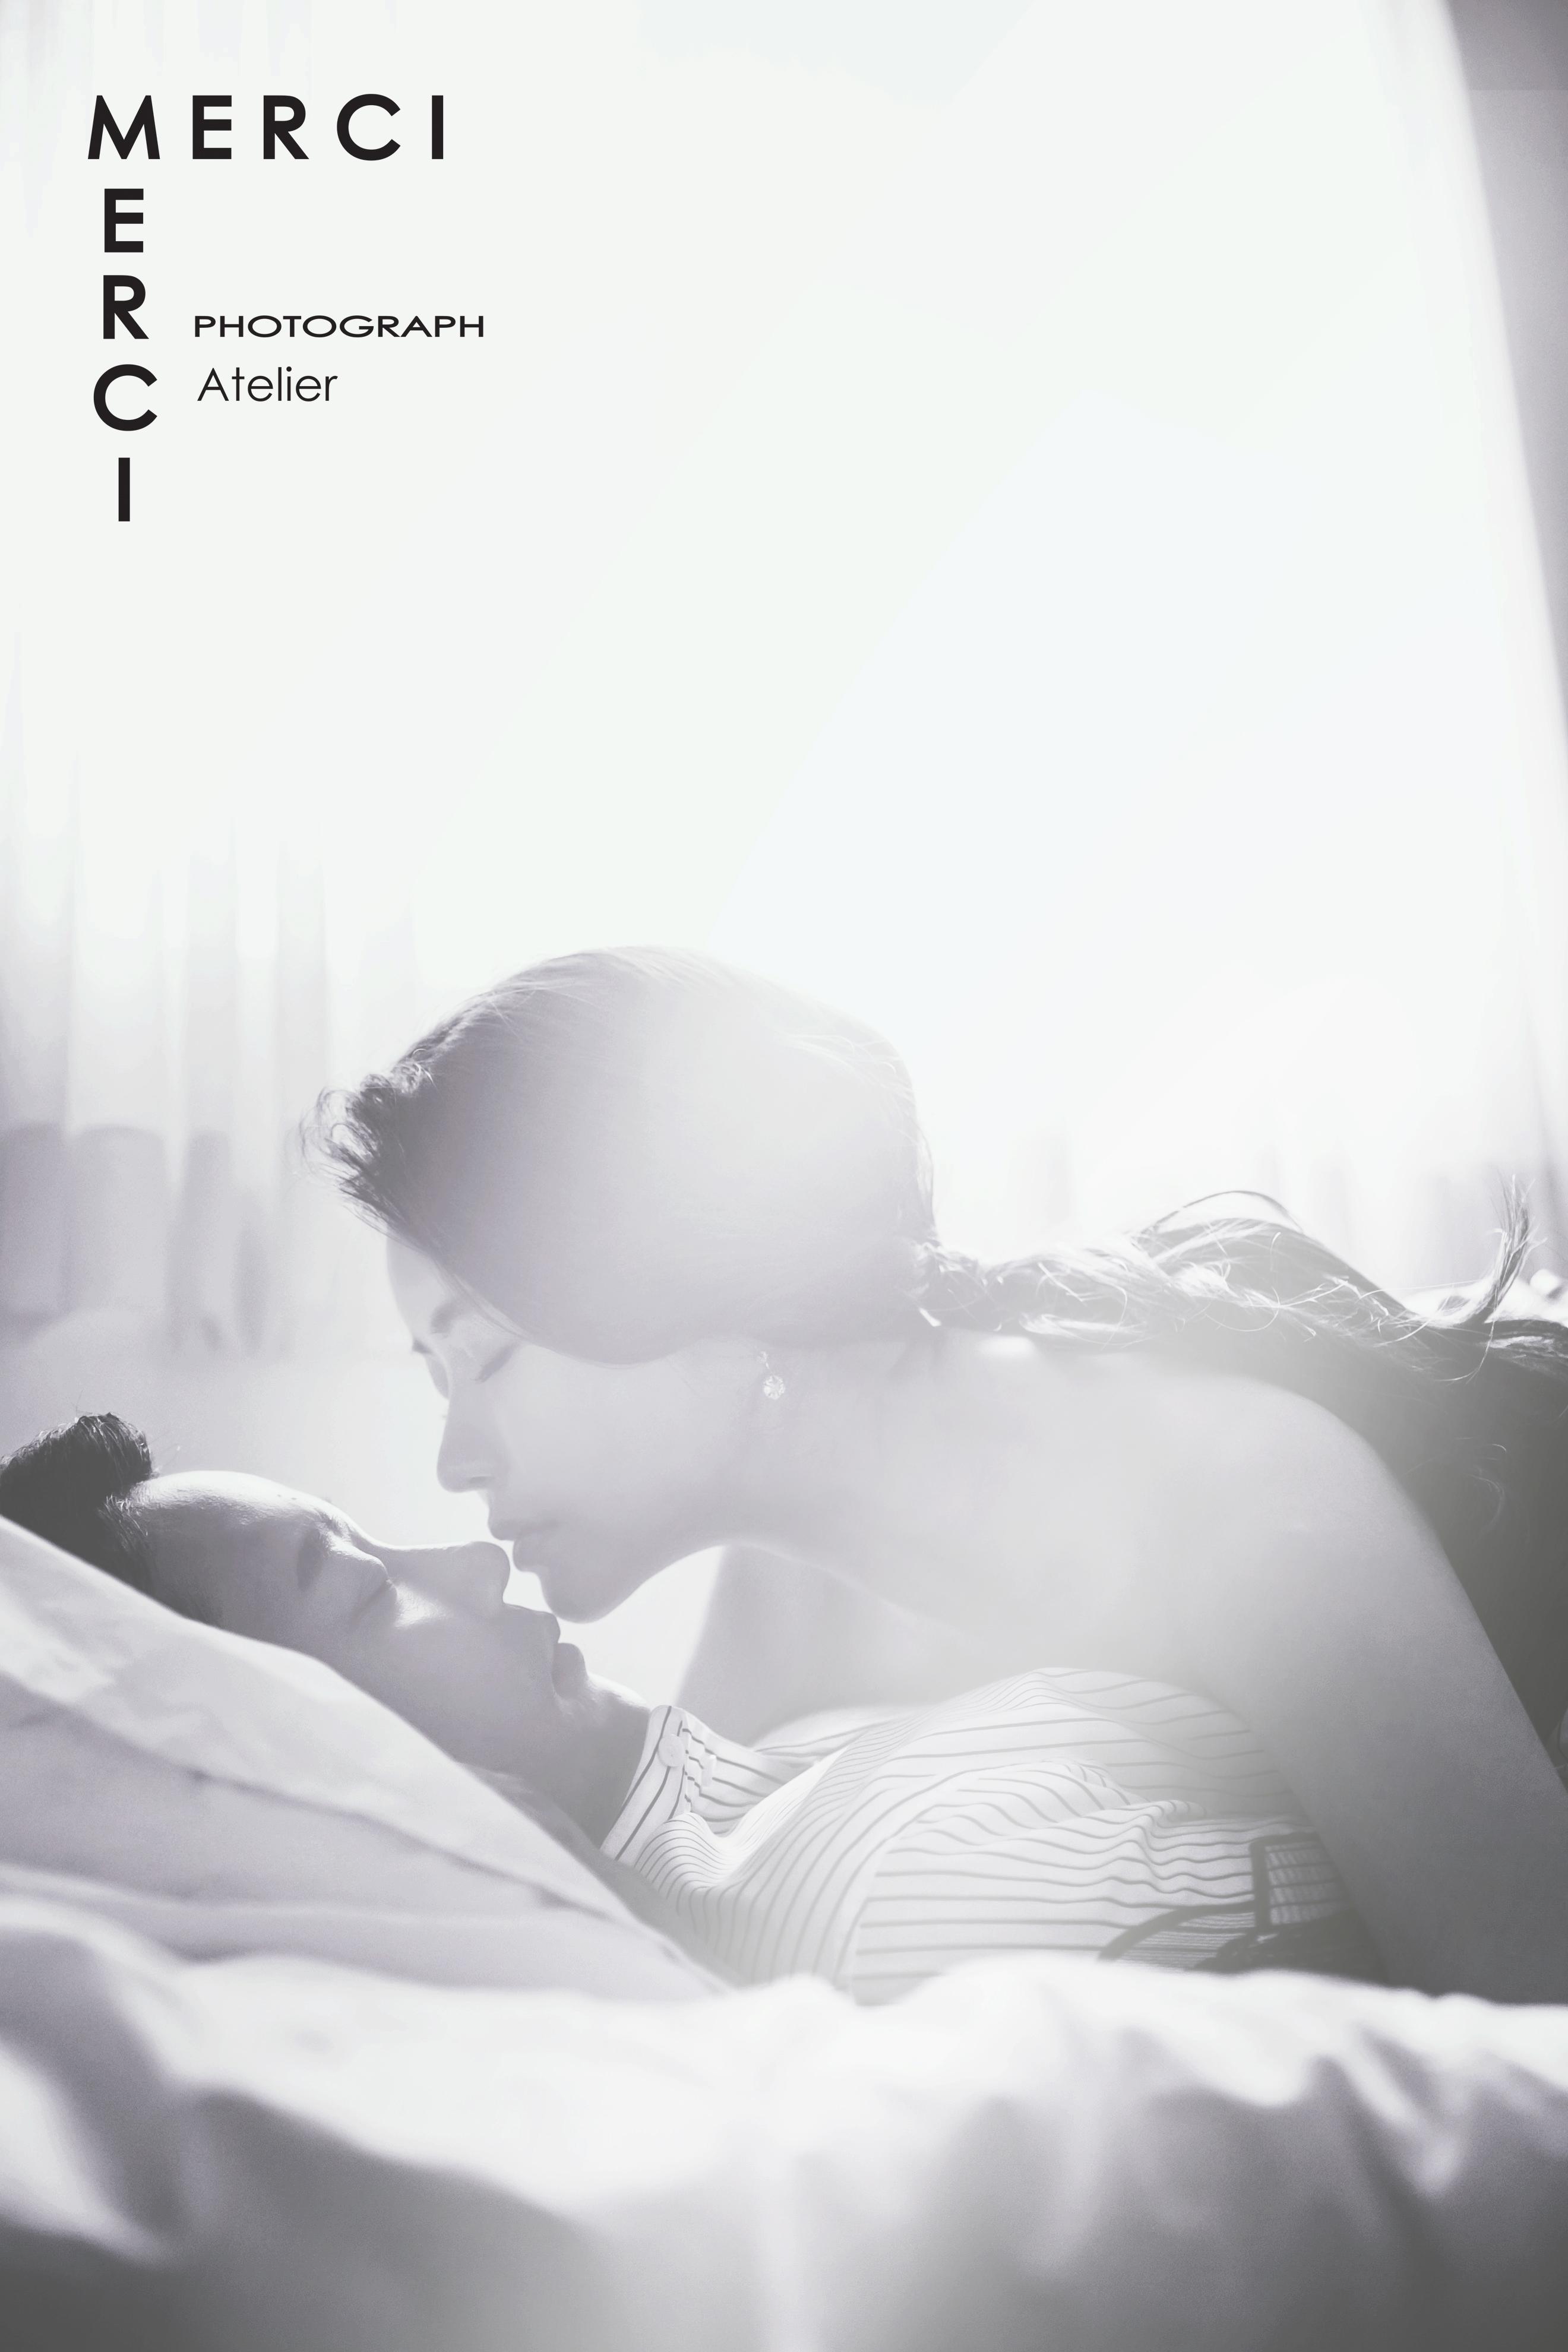 아뜰리에메르시1205 웨딩촬영 케일라베넷 (11)